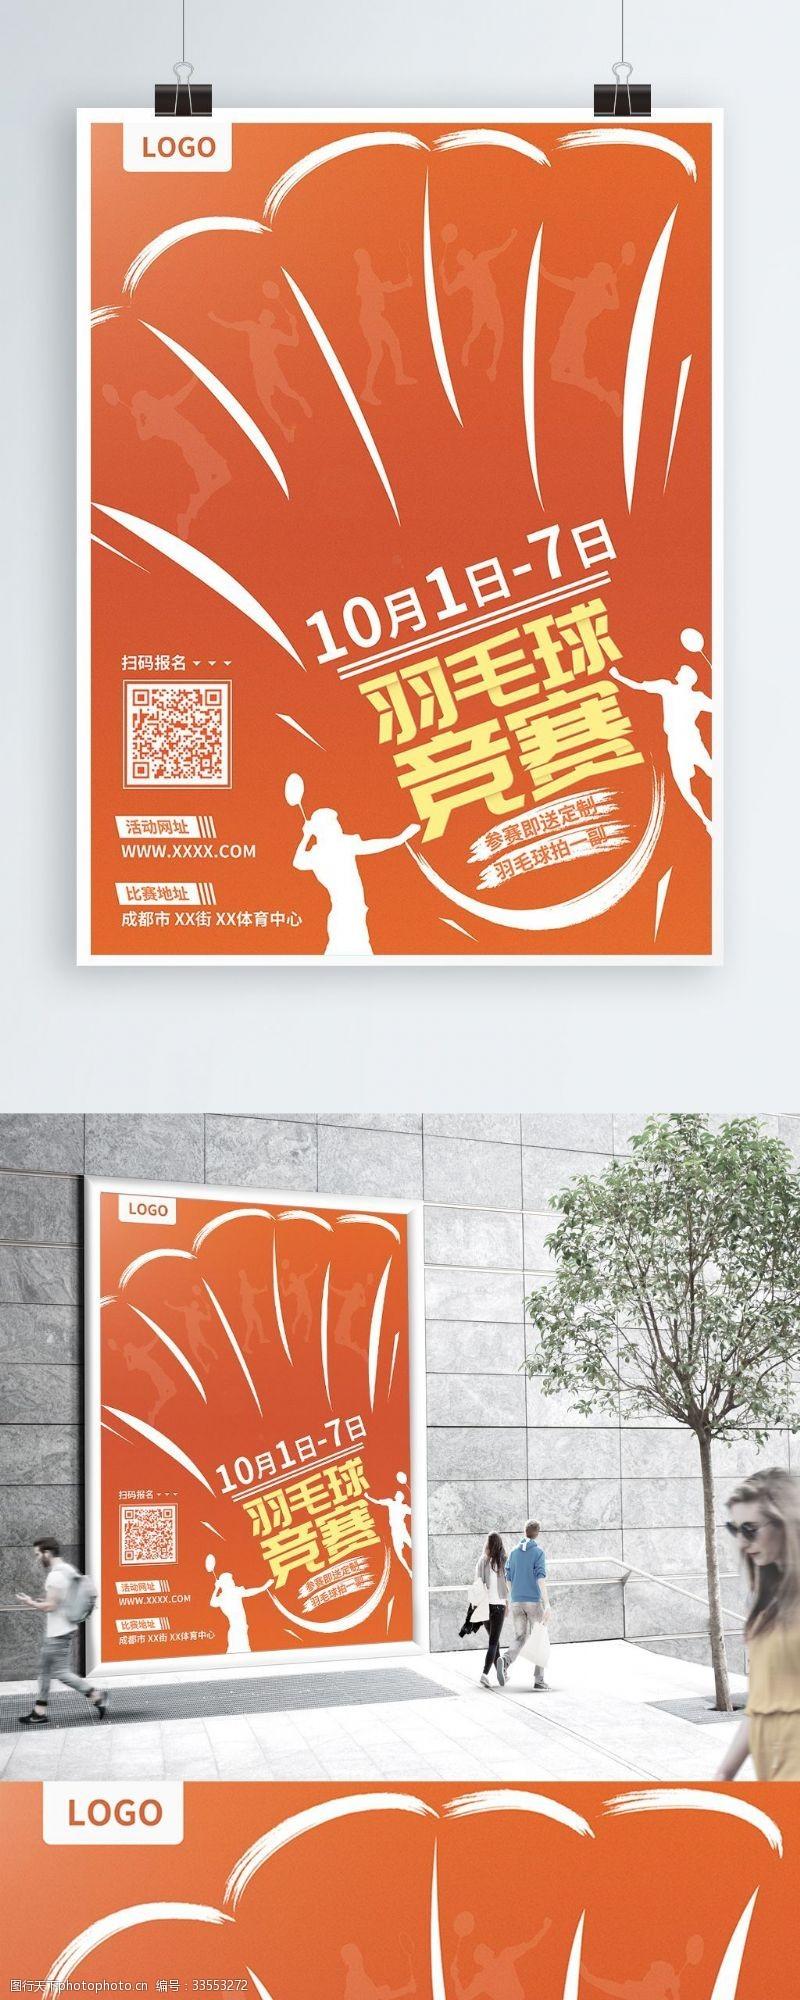 羽毛球体育竞赛运动海报